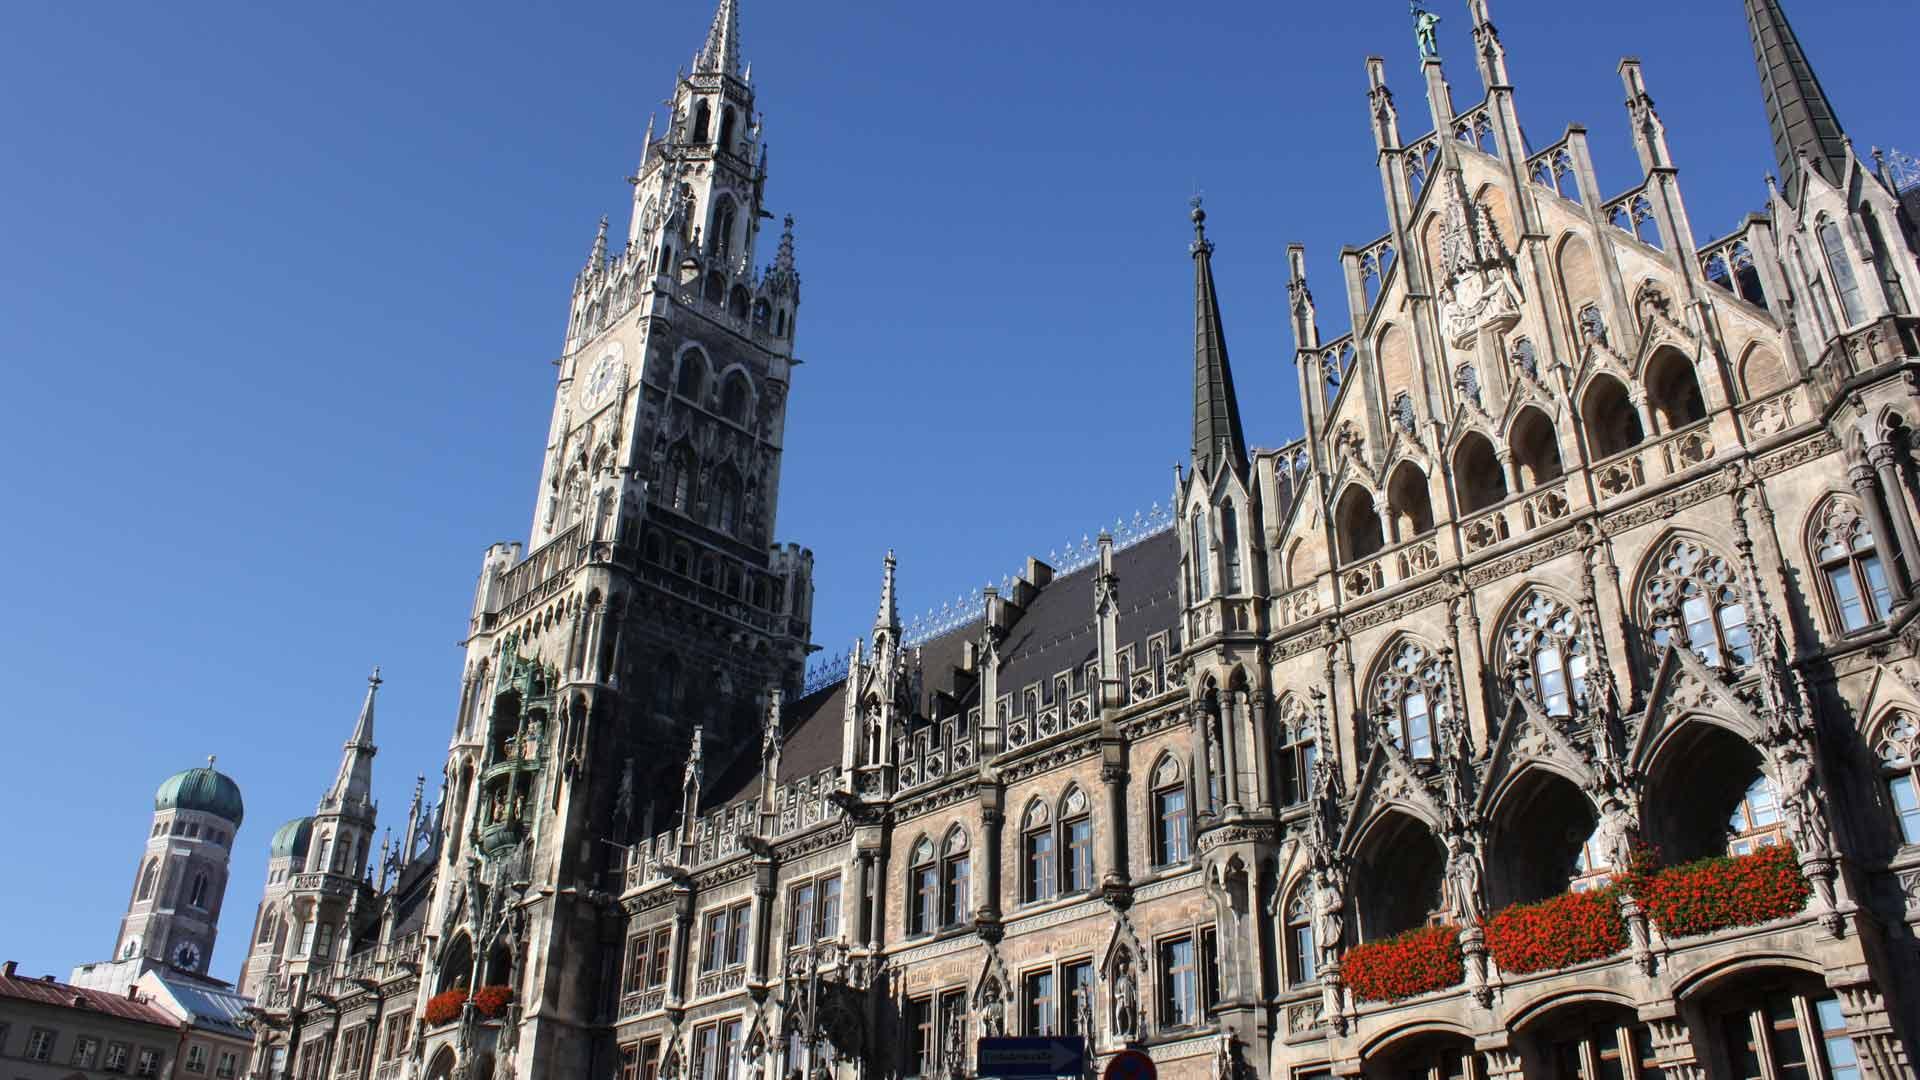 Het prachtige neo-gotische stadhuis van München op de Marienplatz.